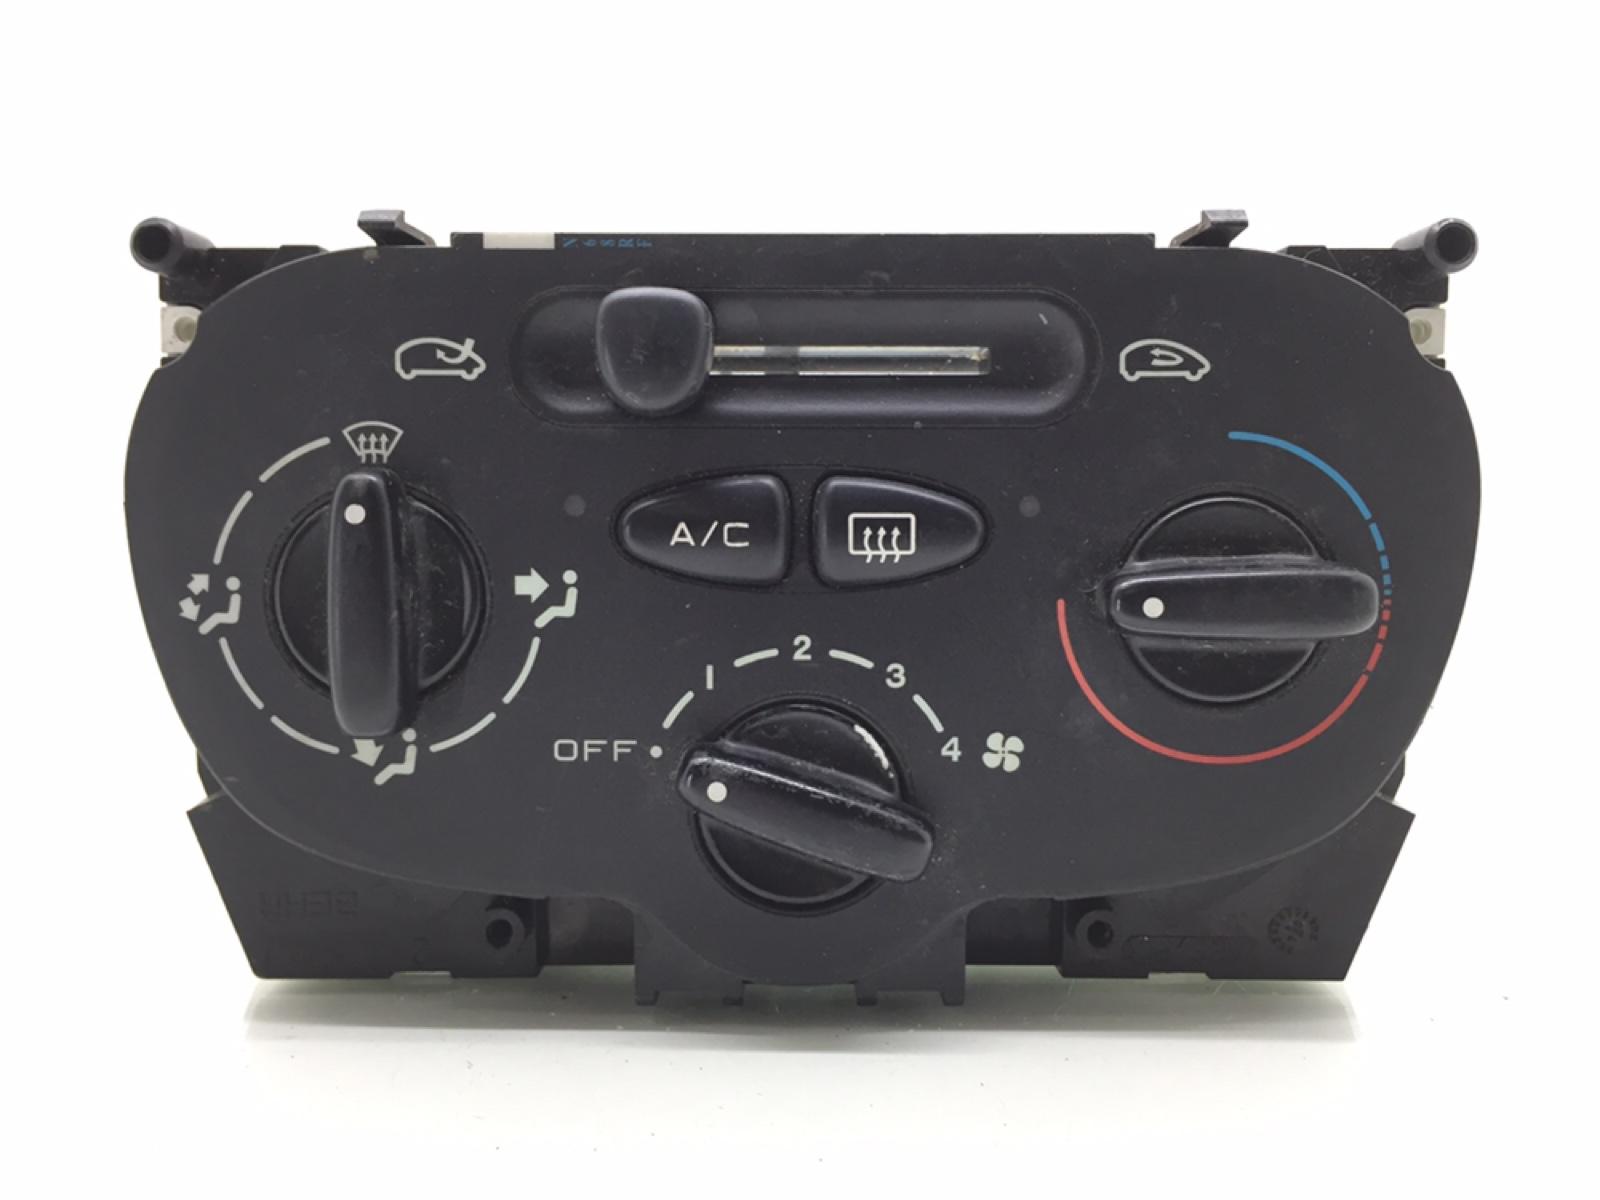 Блок управления печки/климат-контроля Citroen Xsara Picasso 1.6 I 2005 (б/у)